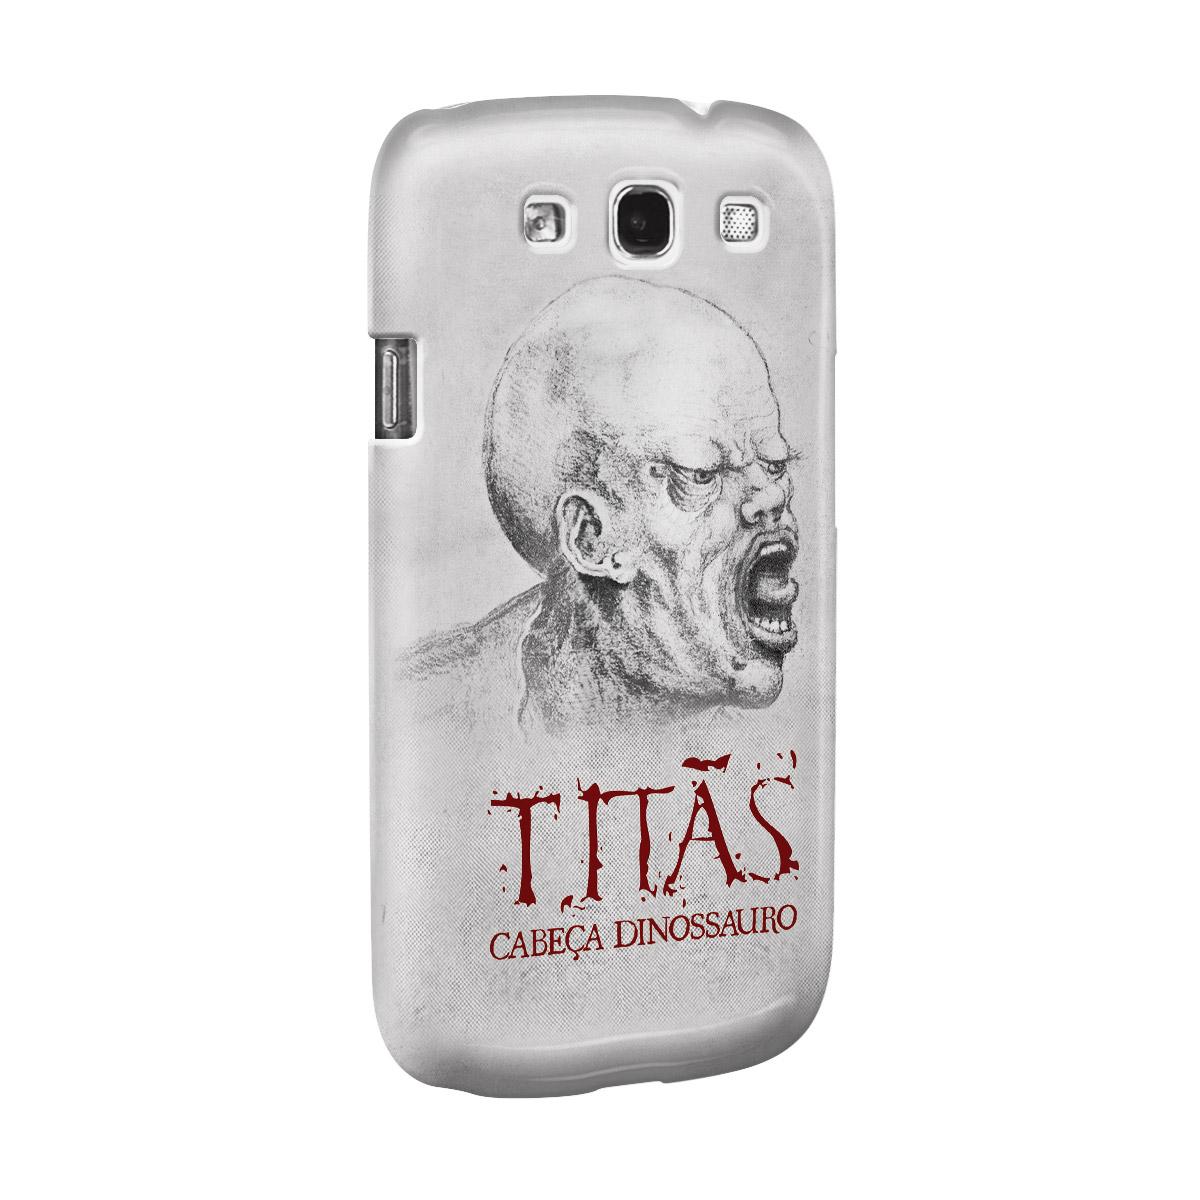 Capa de Celular Samsung Galaxy S3 Titãs Cabeça Dinossauro